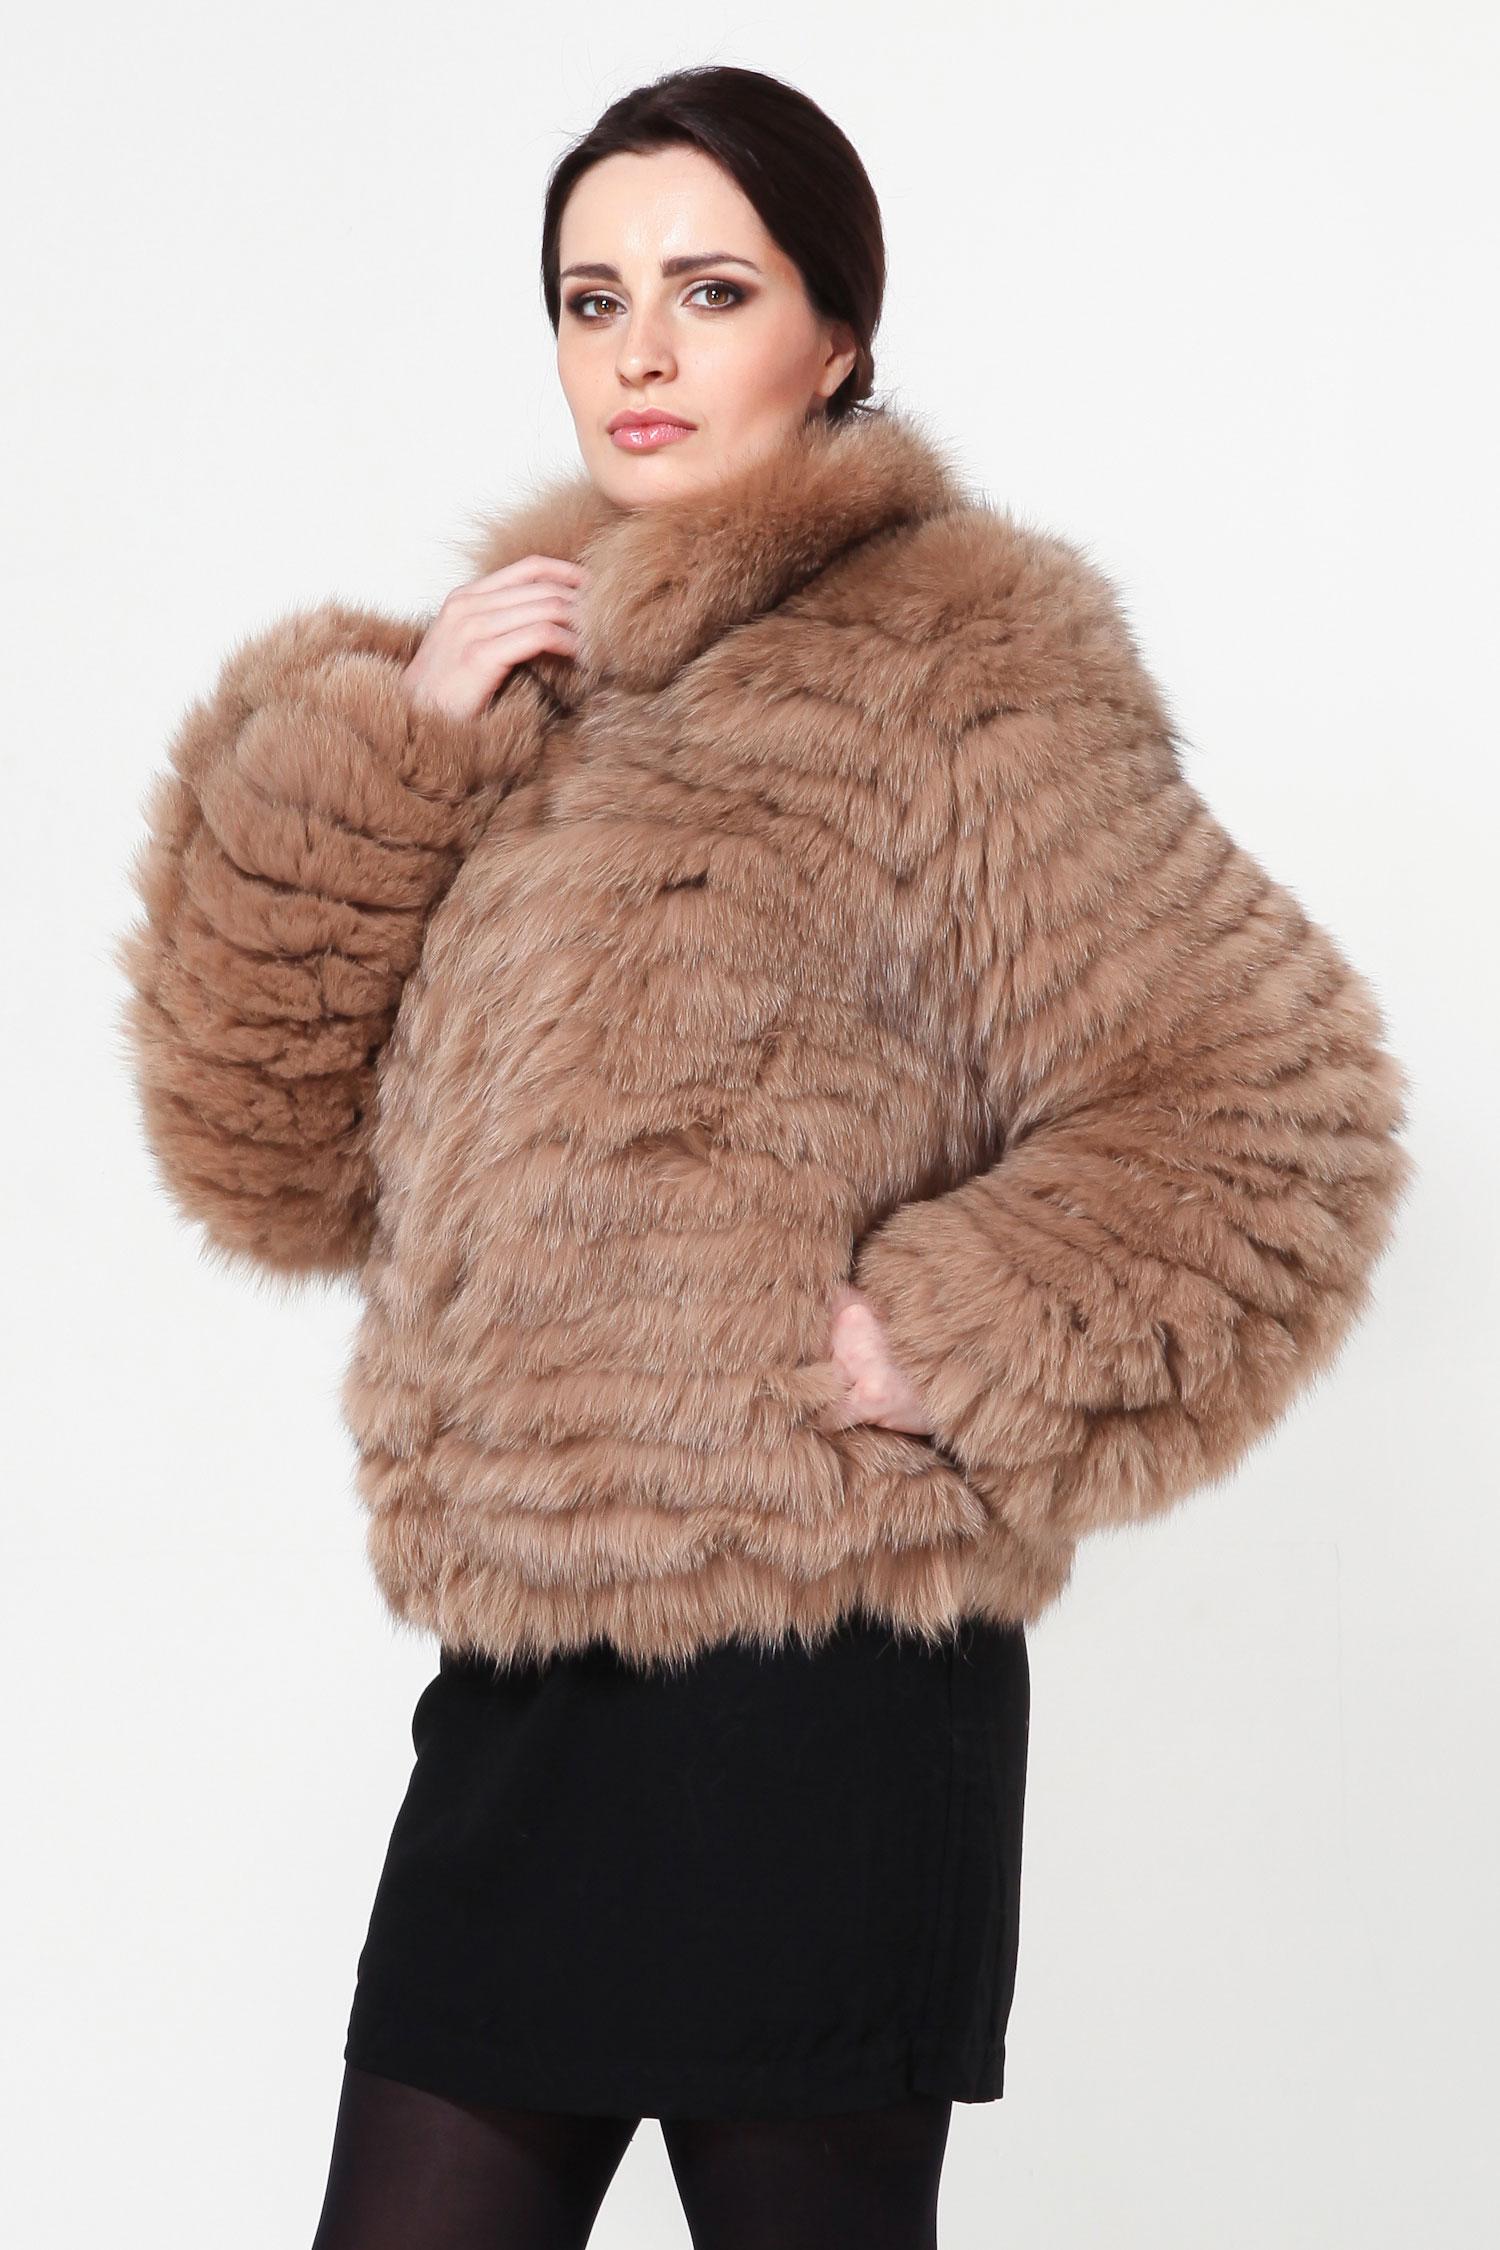 Куртка из песца с воротникомСтильная куртка станет незаменимой вещью в женском гардеробе. Изделие выполнено из натурального меха песца. Застегивается на крючки. Украшением служат роскошный воротник, который идет в отделке из песца, а также рукава изделия. Стильный вариант для прохладной погоды. Классический фасон будет моден на протяжении многих лет.<br><br>Воротник: стойка<br>Длина см: Короткая (51-74 )<br>Цвет: оранжевый<br>Застежка: на молнии<br>Пол: Женский<br>Размер RU: 48